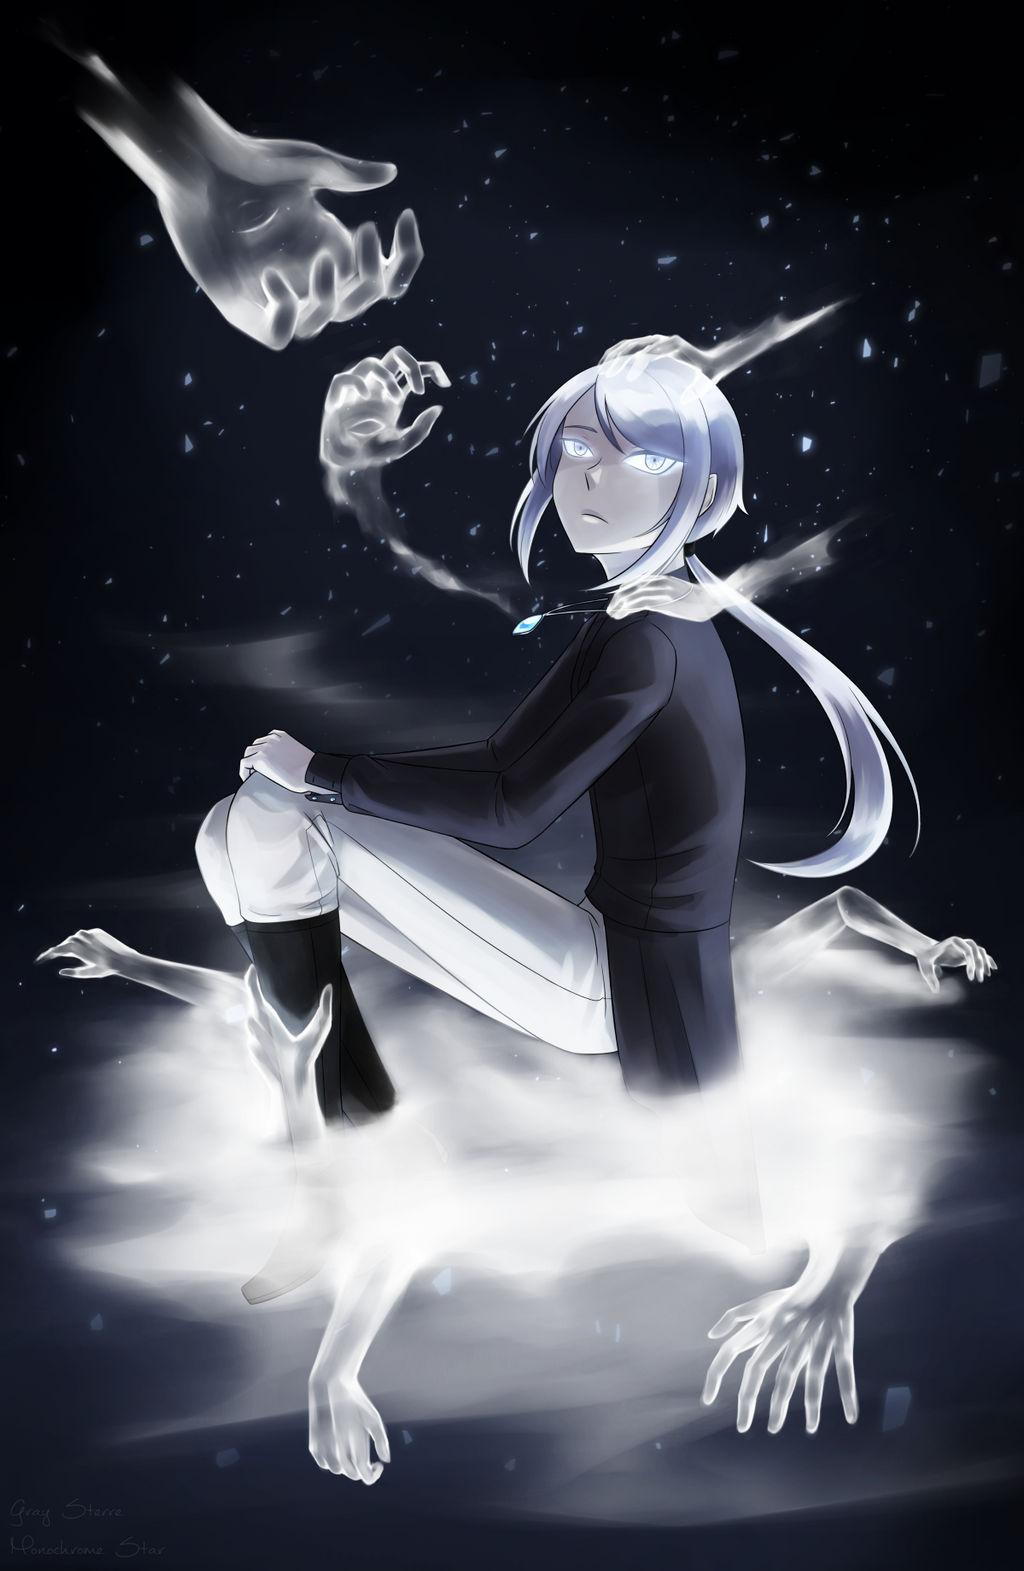 A vague dream